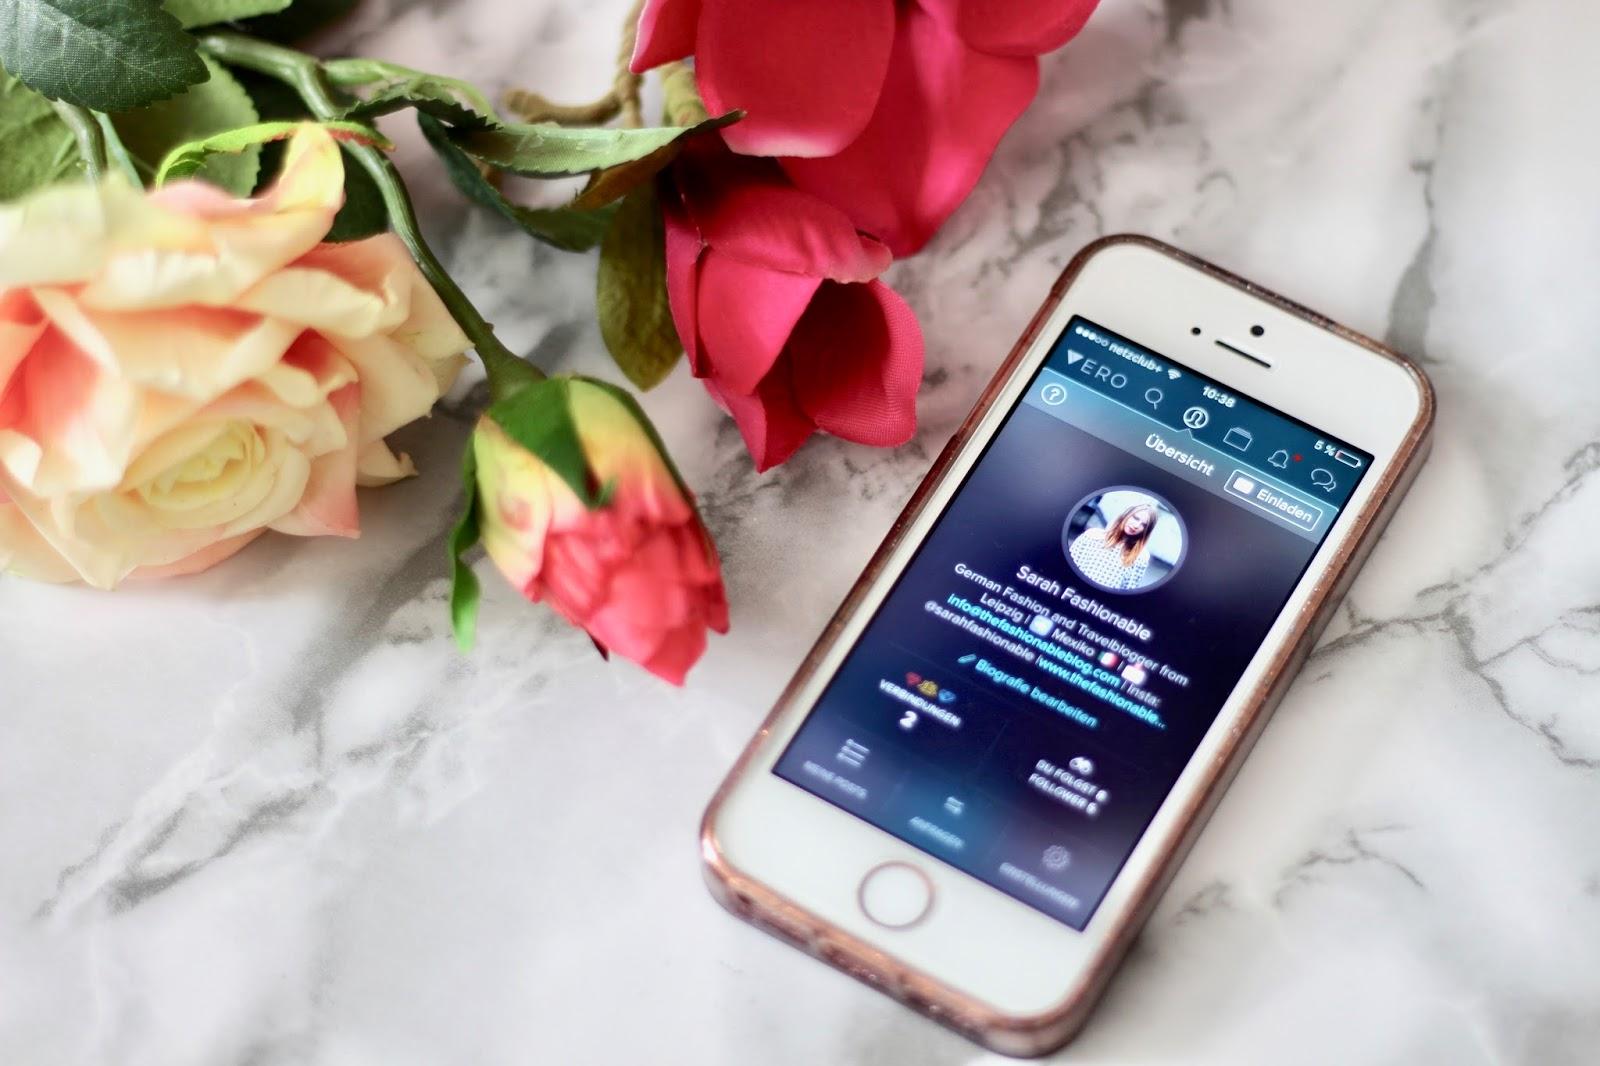 Alles über die neue Instagram Alternative Vero